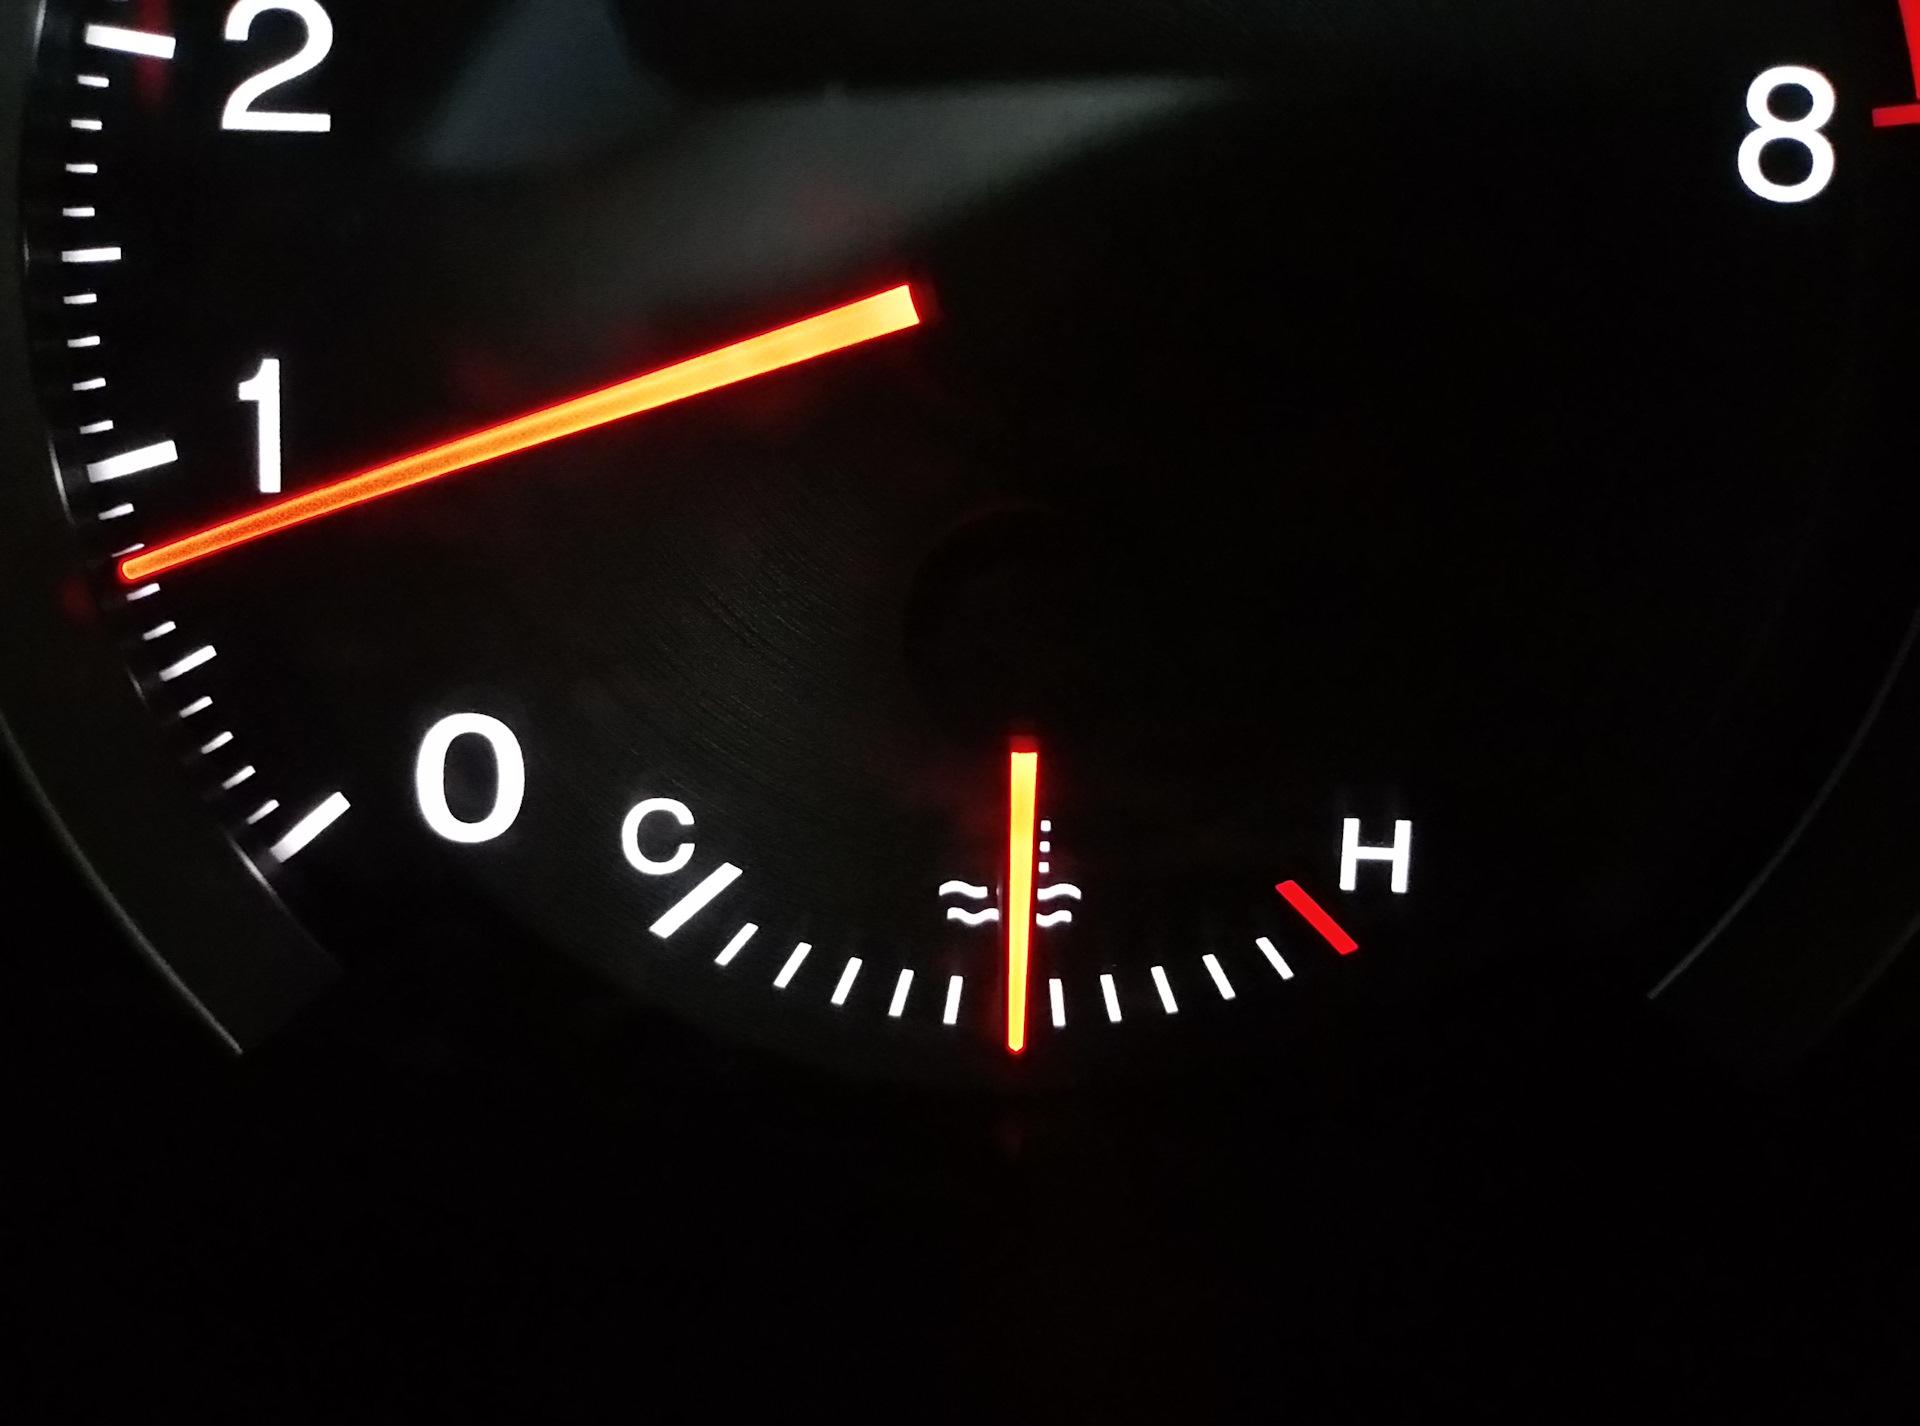 температура двигателя в картинках